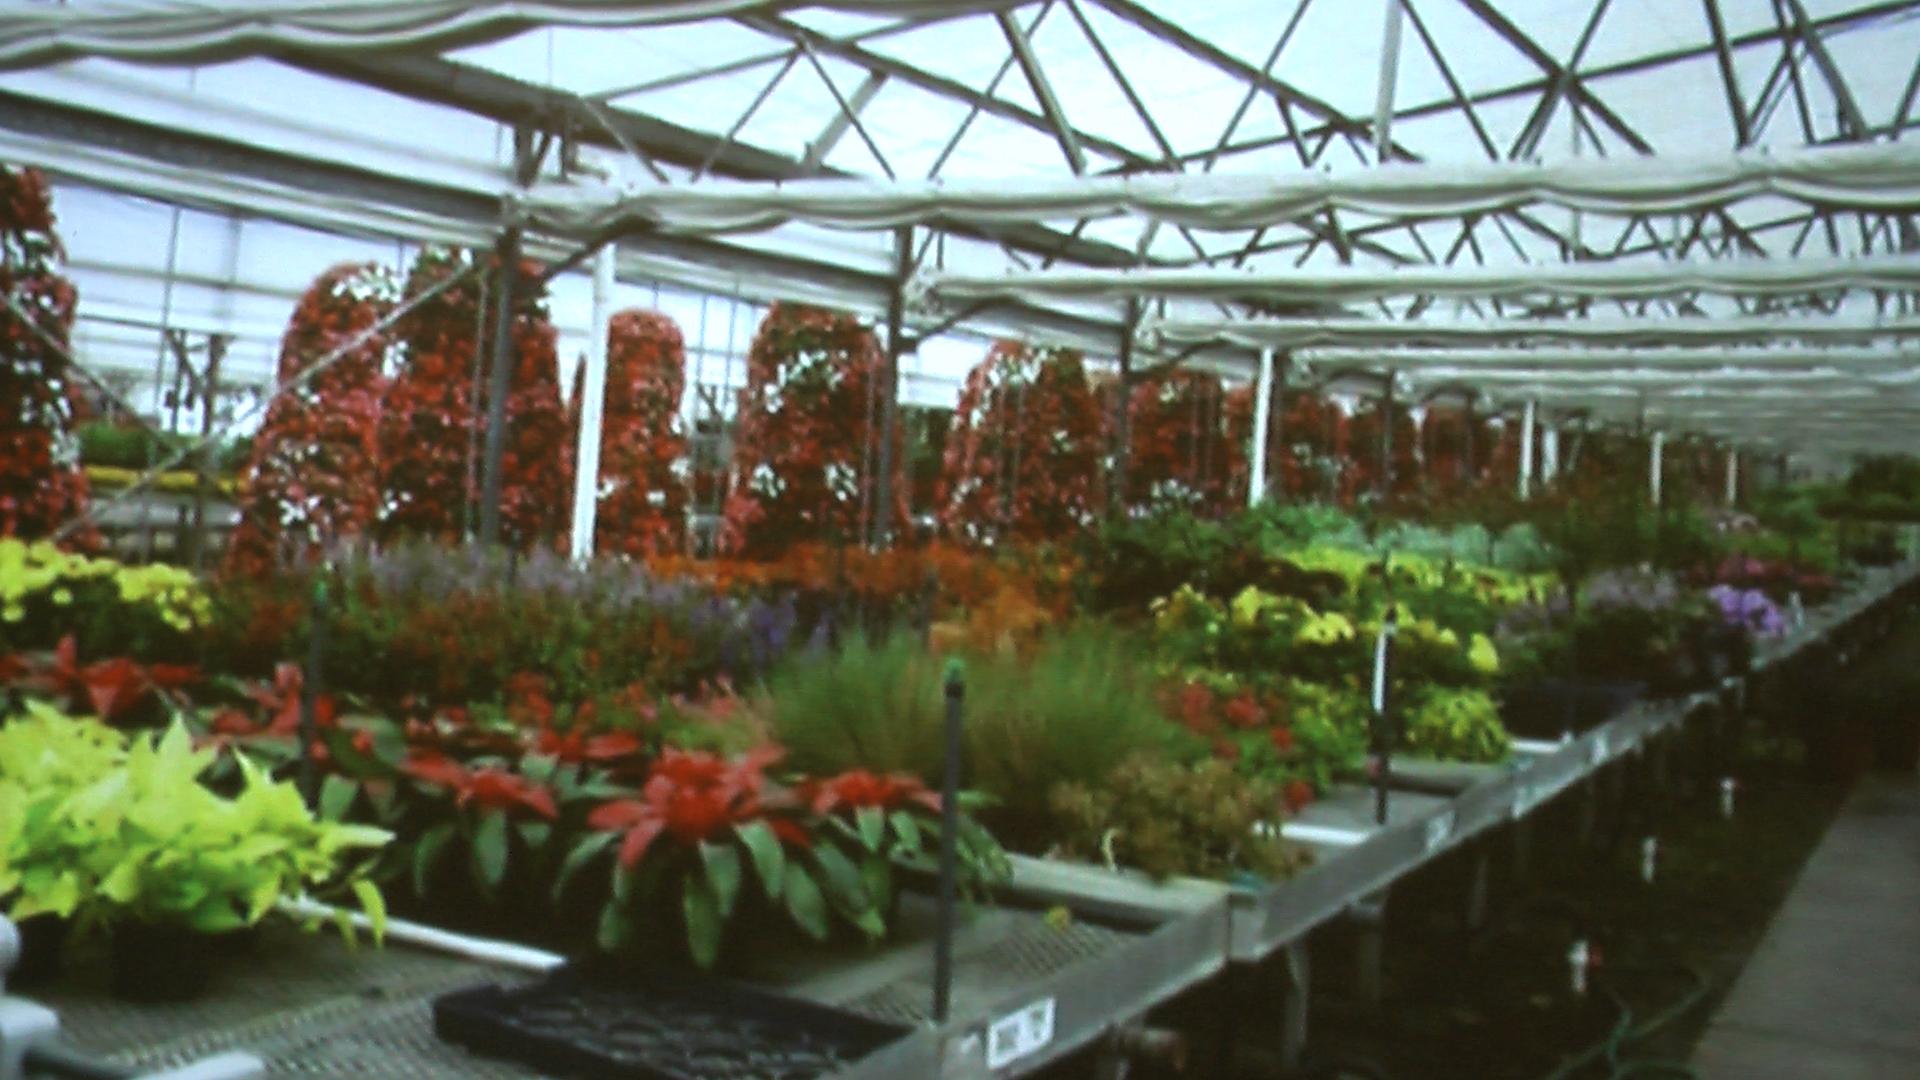 Flower & Garden Festival | EPCOTblog.com - The EPCOT Online ...